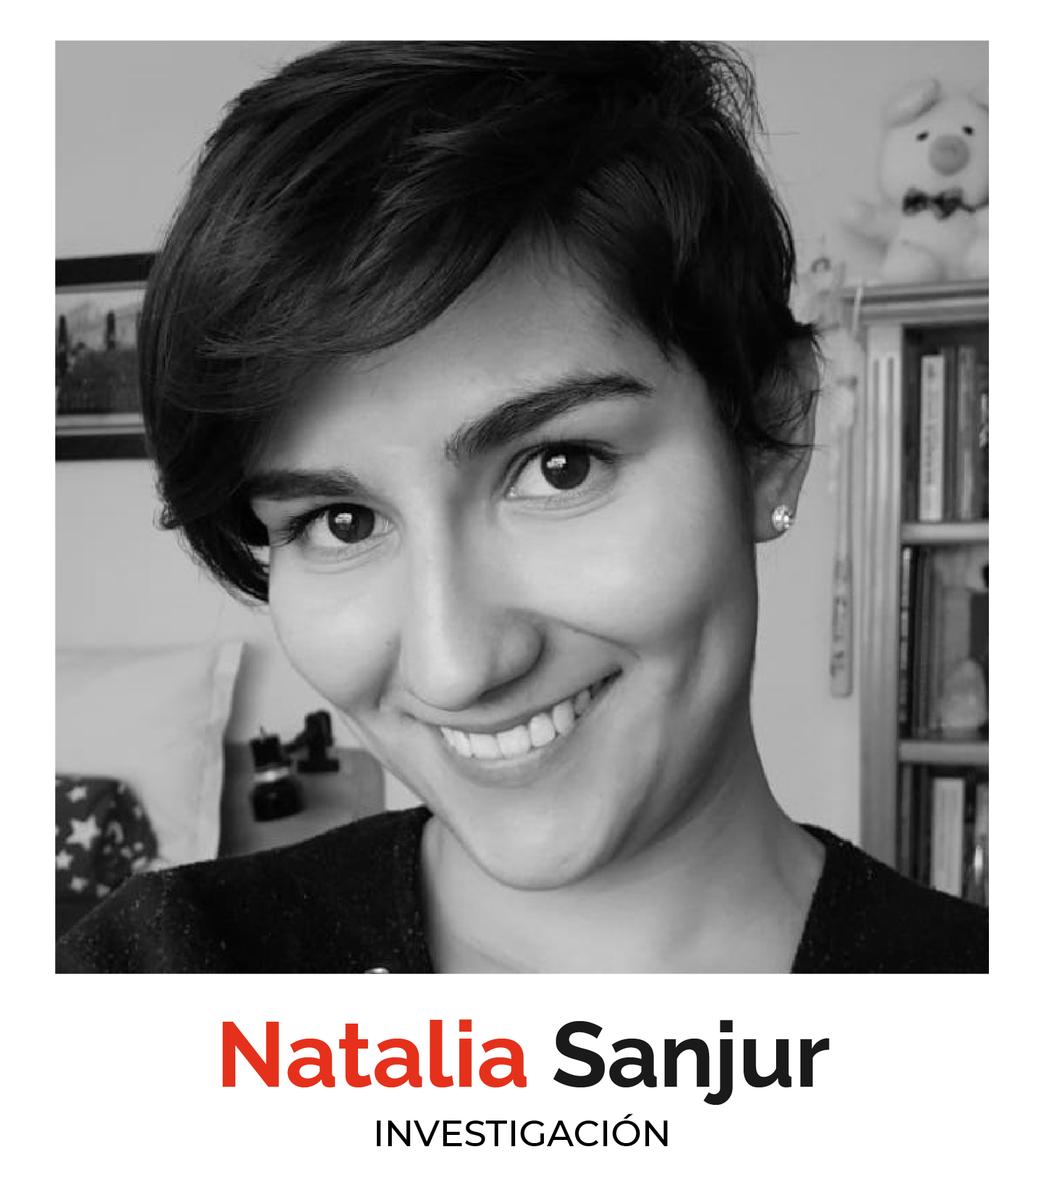 Natlia Sanjur